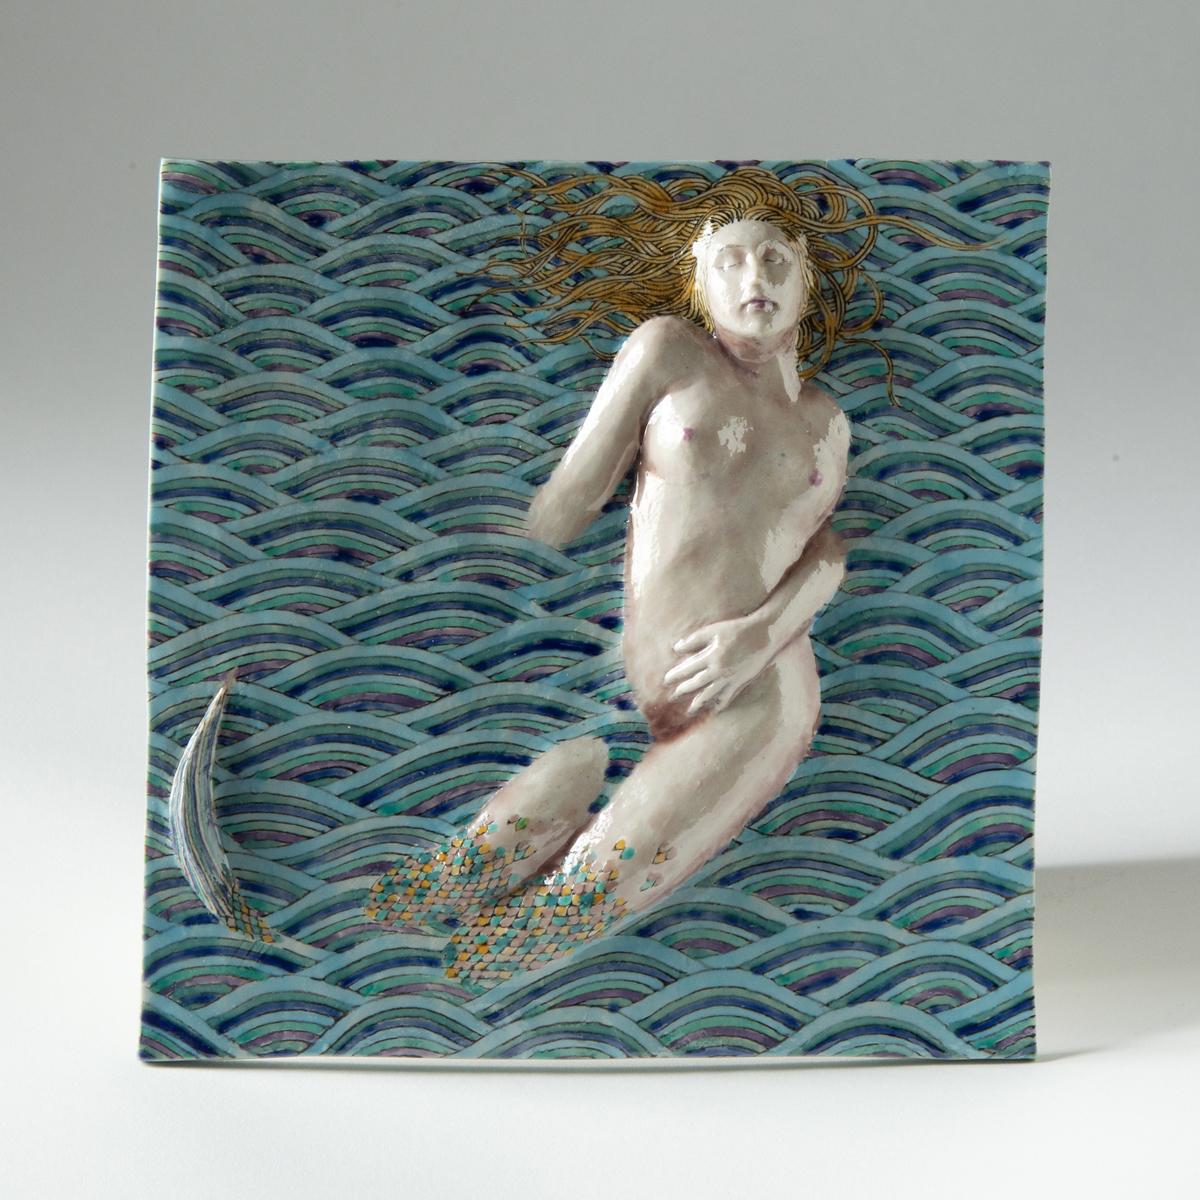 Mermaid (Kensuke Fujiyoshi)